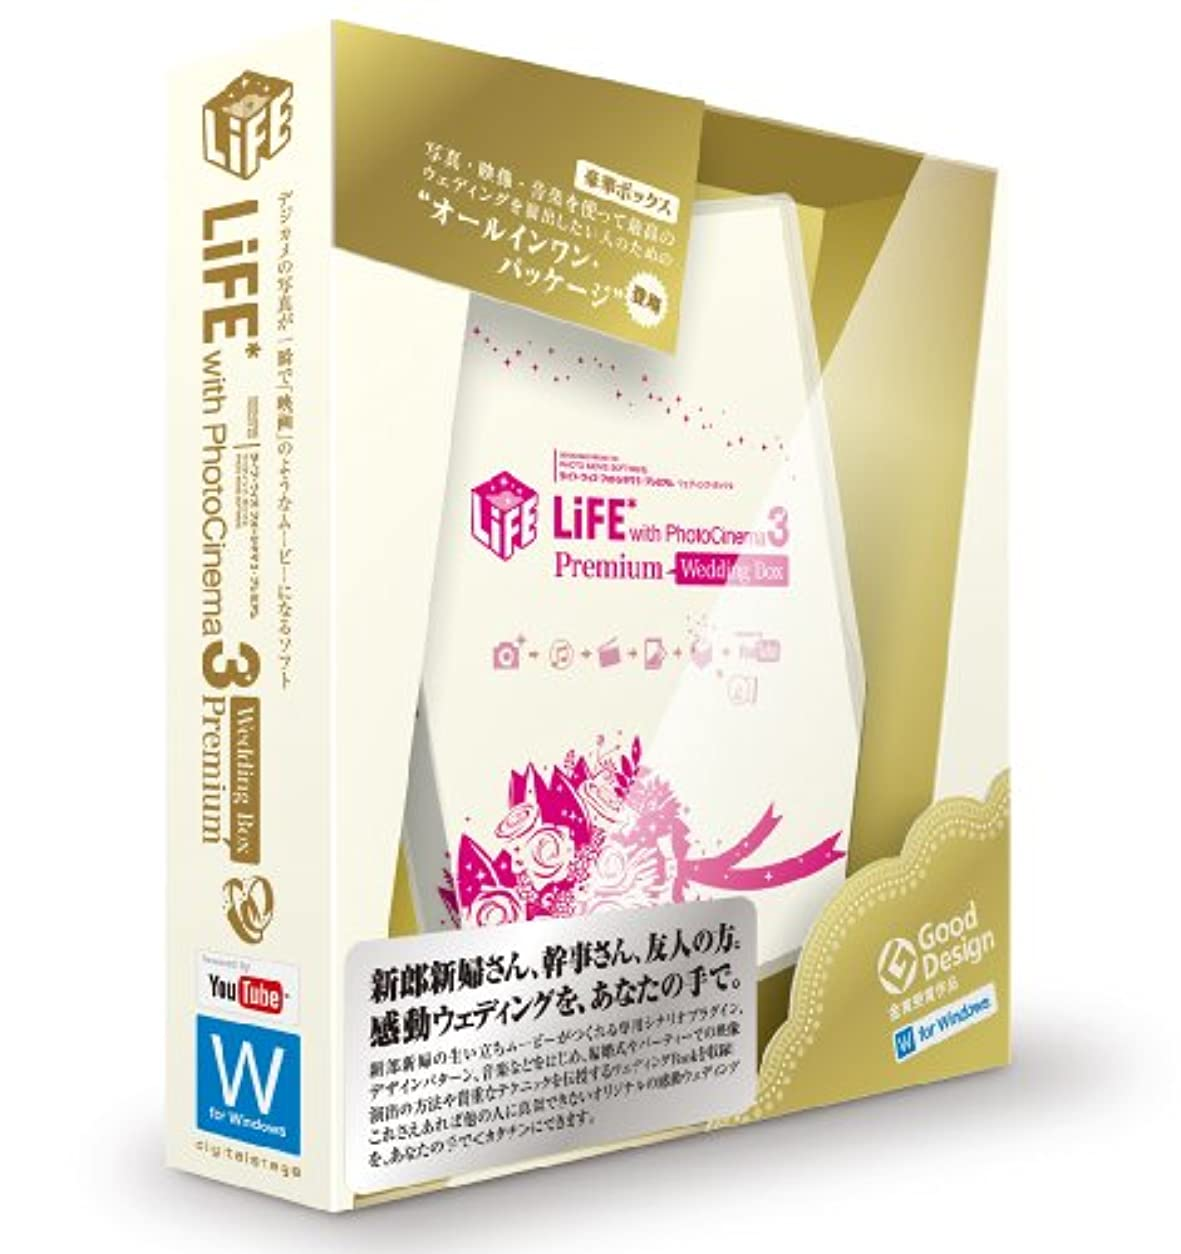 入口ピカソコーラスLiFE* with PhotoCinema 3 Premium ウェディングBOX Windows版